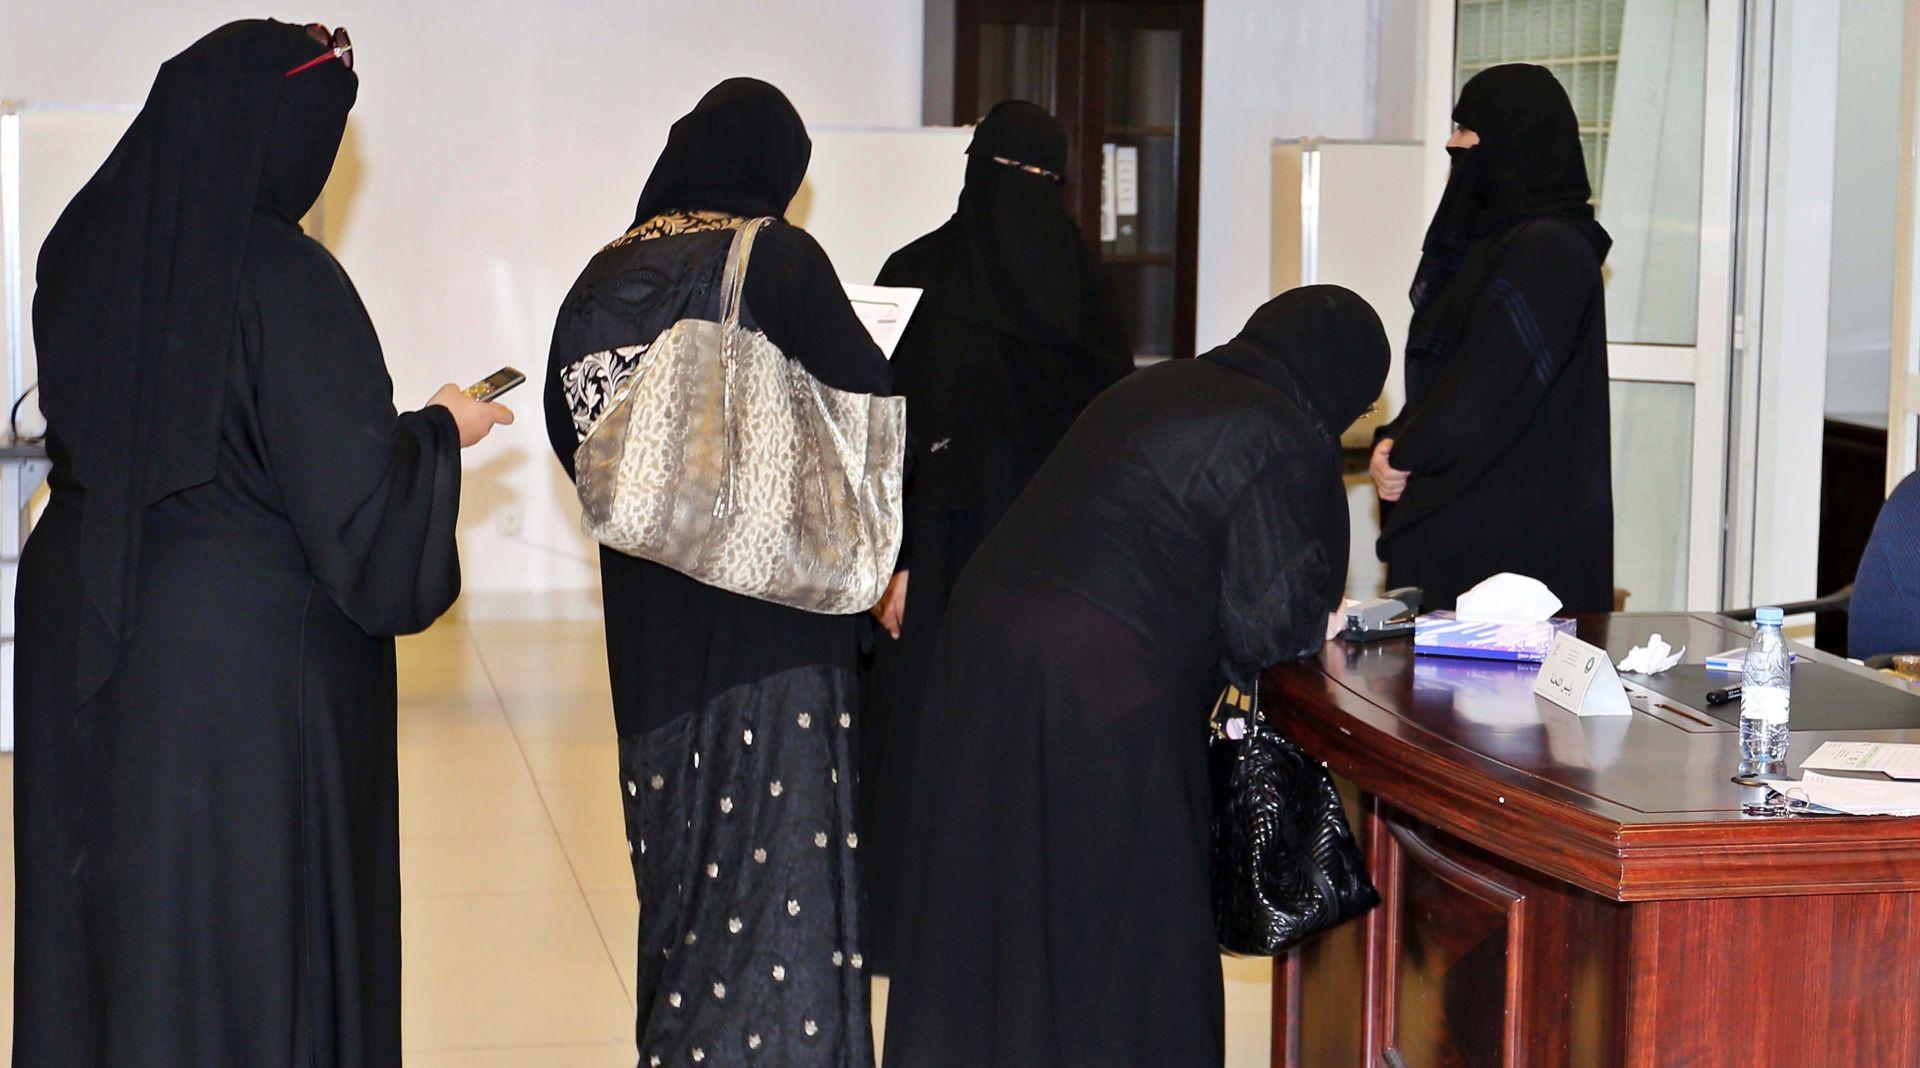 PRVI PUTA GLASOVALE I MOGLE BITI IZABRANE Saudijci izabrali 17 žena na povijesnim izborima za mjesna vijeća